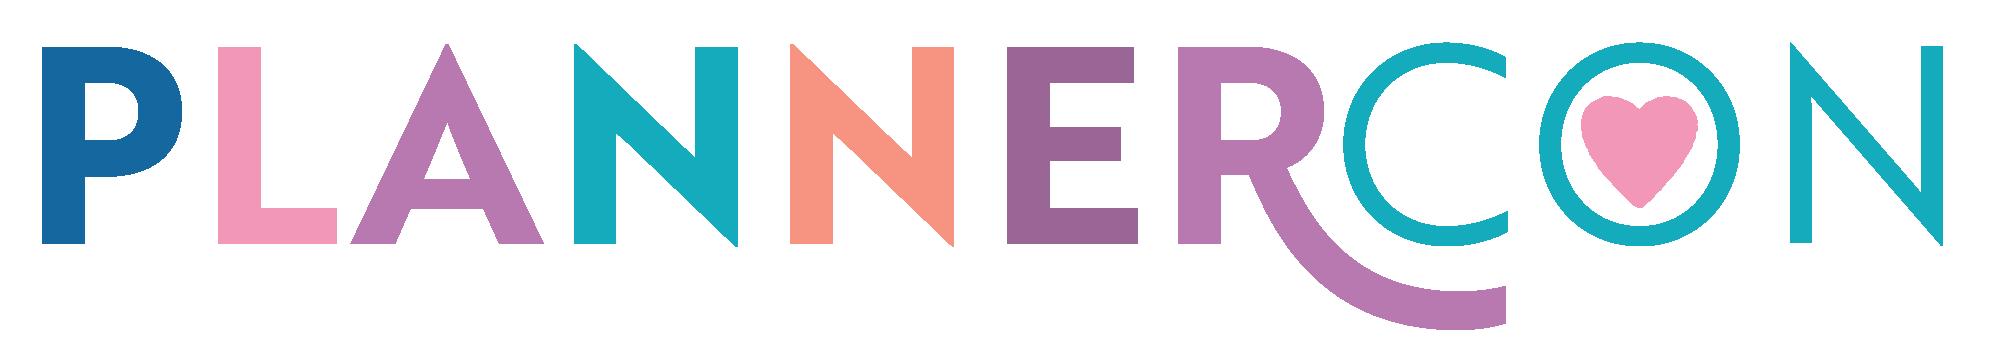 plannercon2018-inkbyjeng.jpg